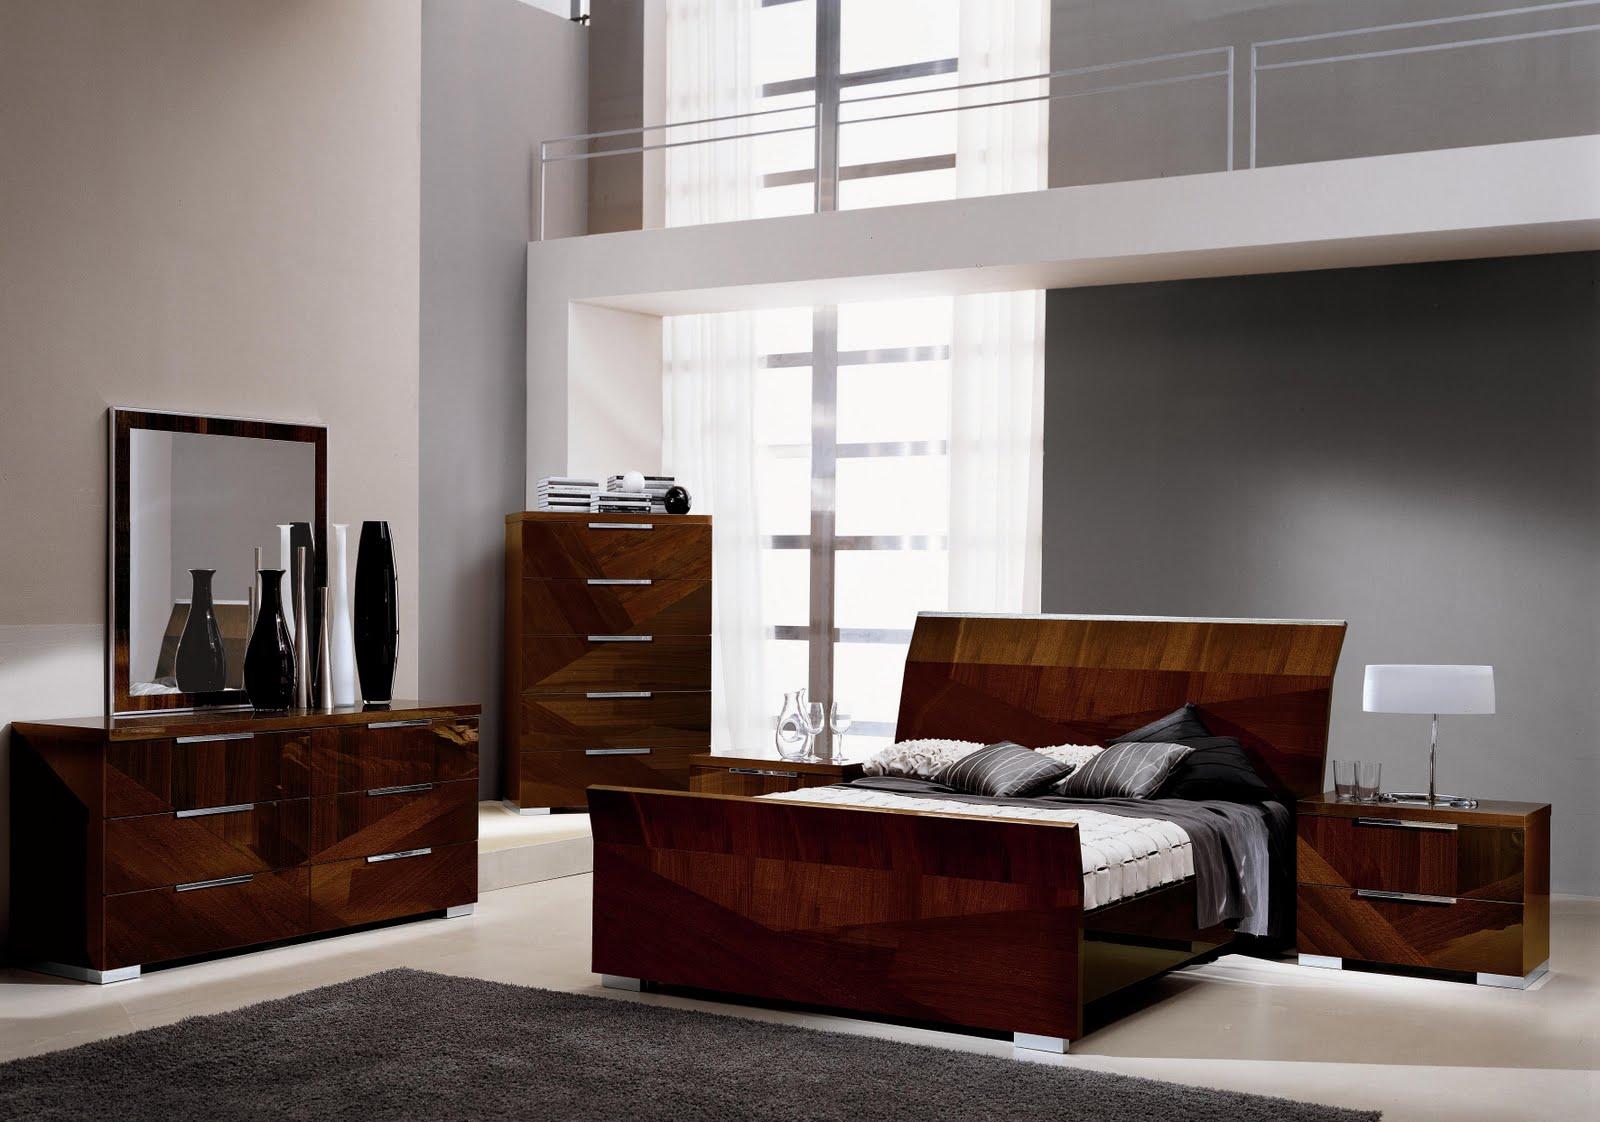 Bedroom Furniture Outlet esf – alf – capri bedroom set – royal furniture outlet – 215-355